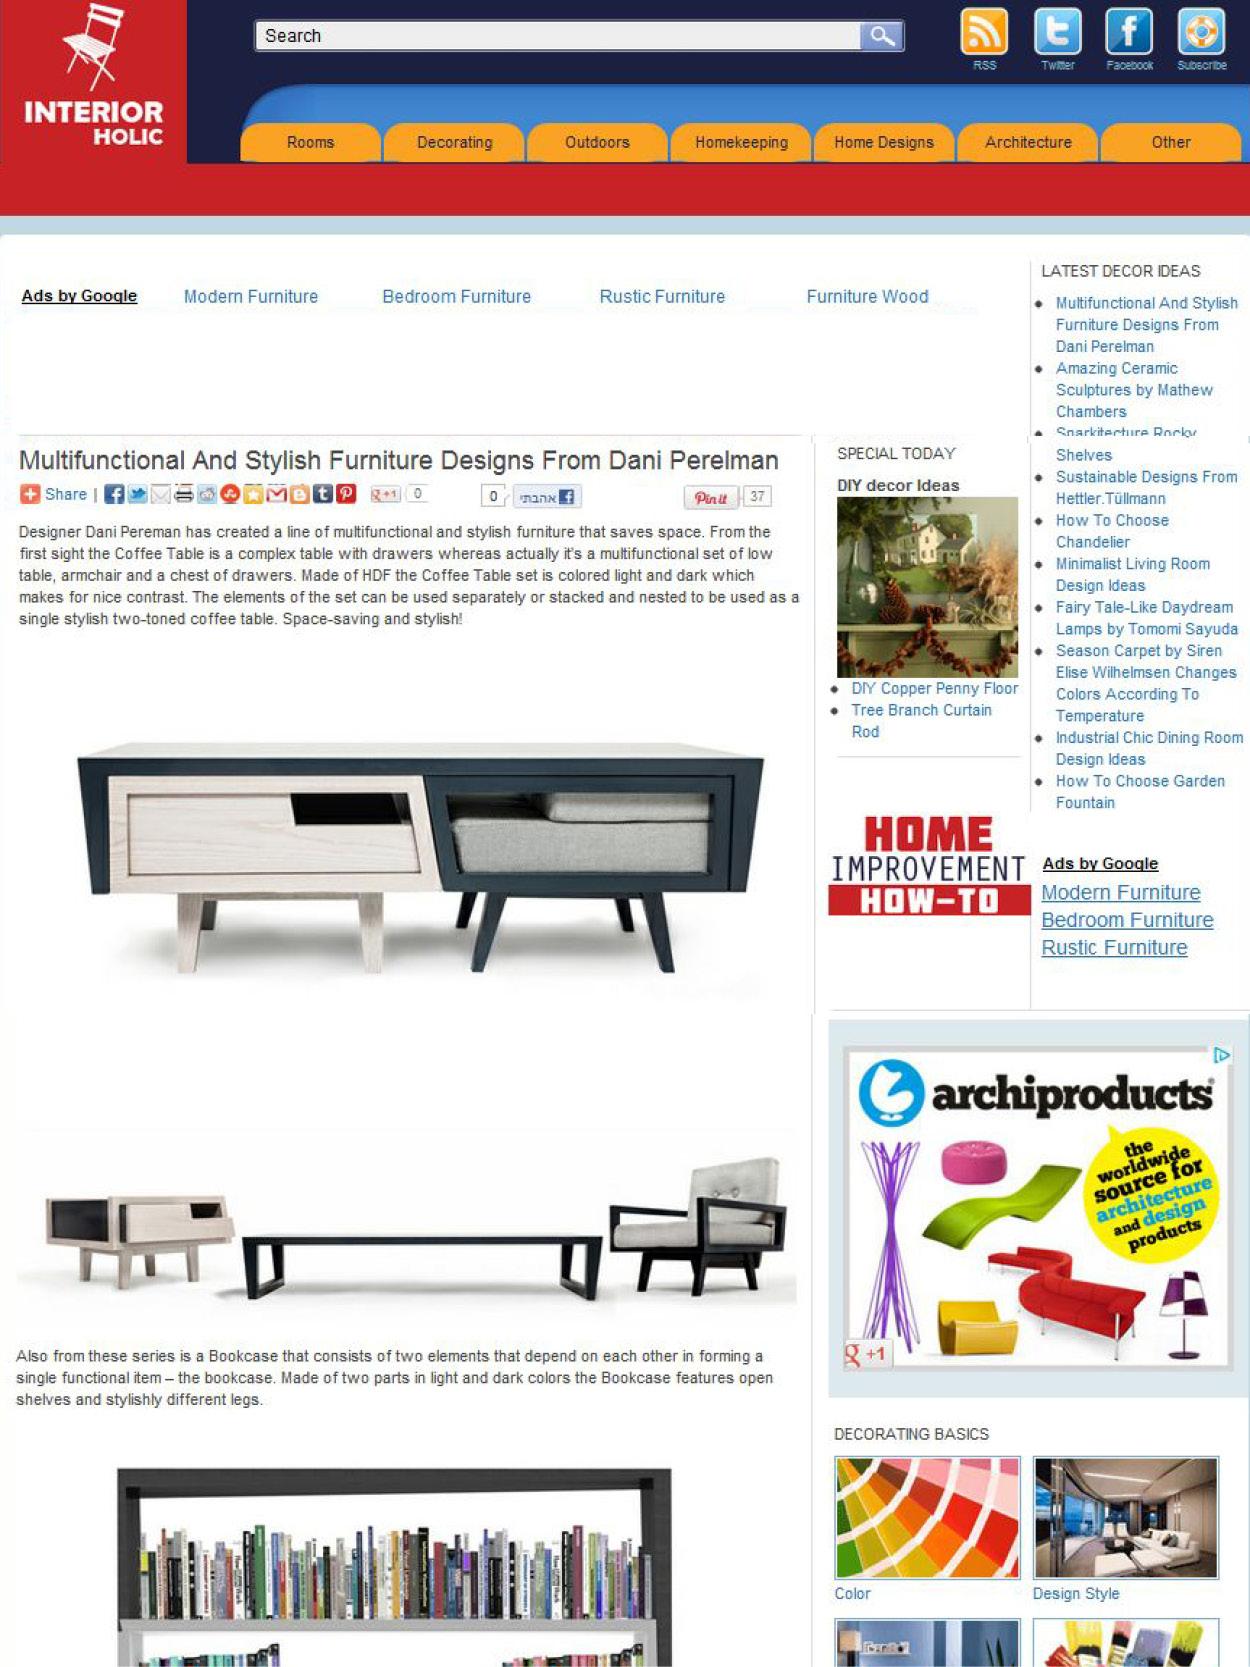 פיתוח ועיצוב מוצרים - דניאל פרלמן